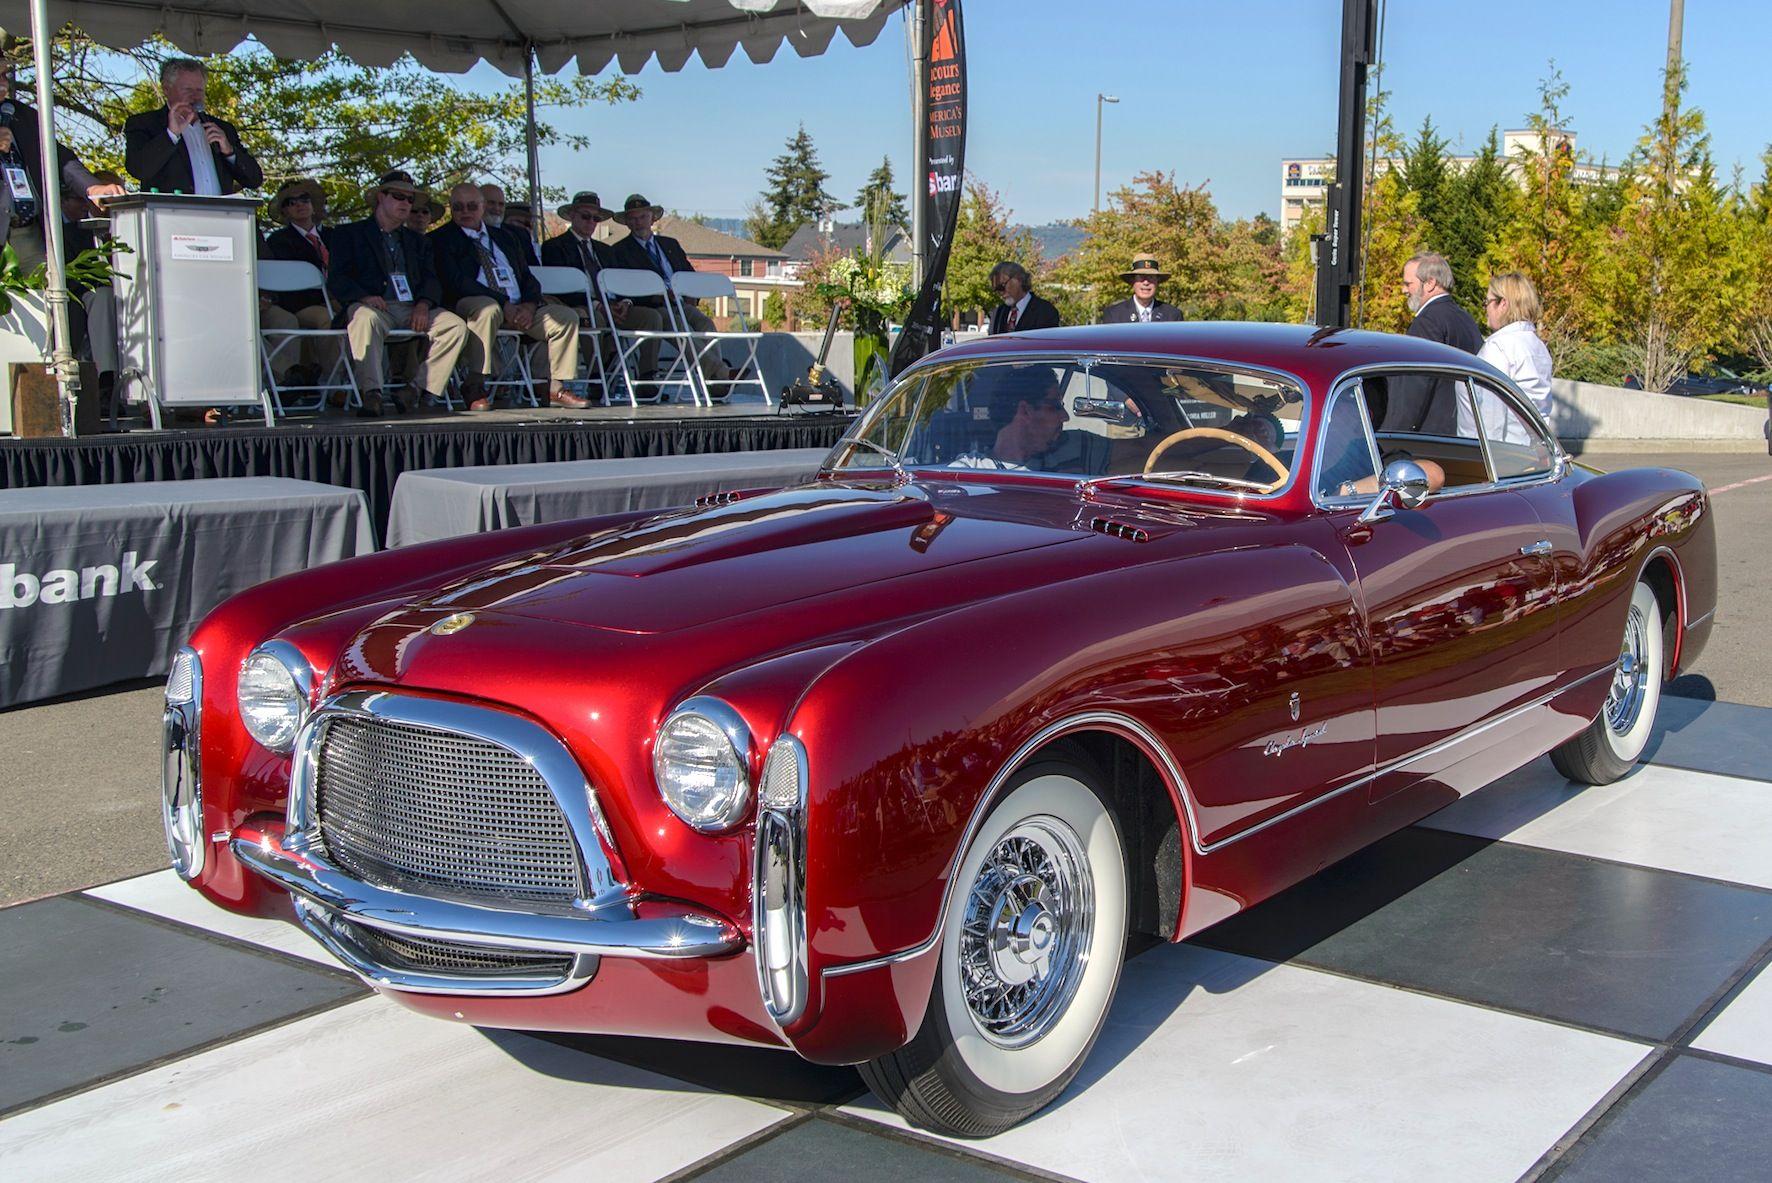 1953 Chrysler car | cars & trucks | Pinterest | Chrysler cars ...